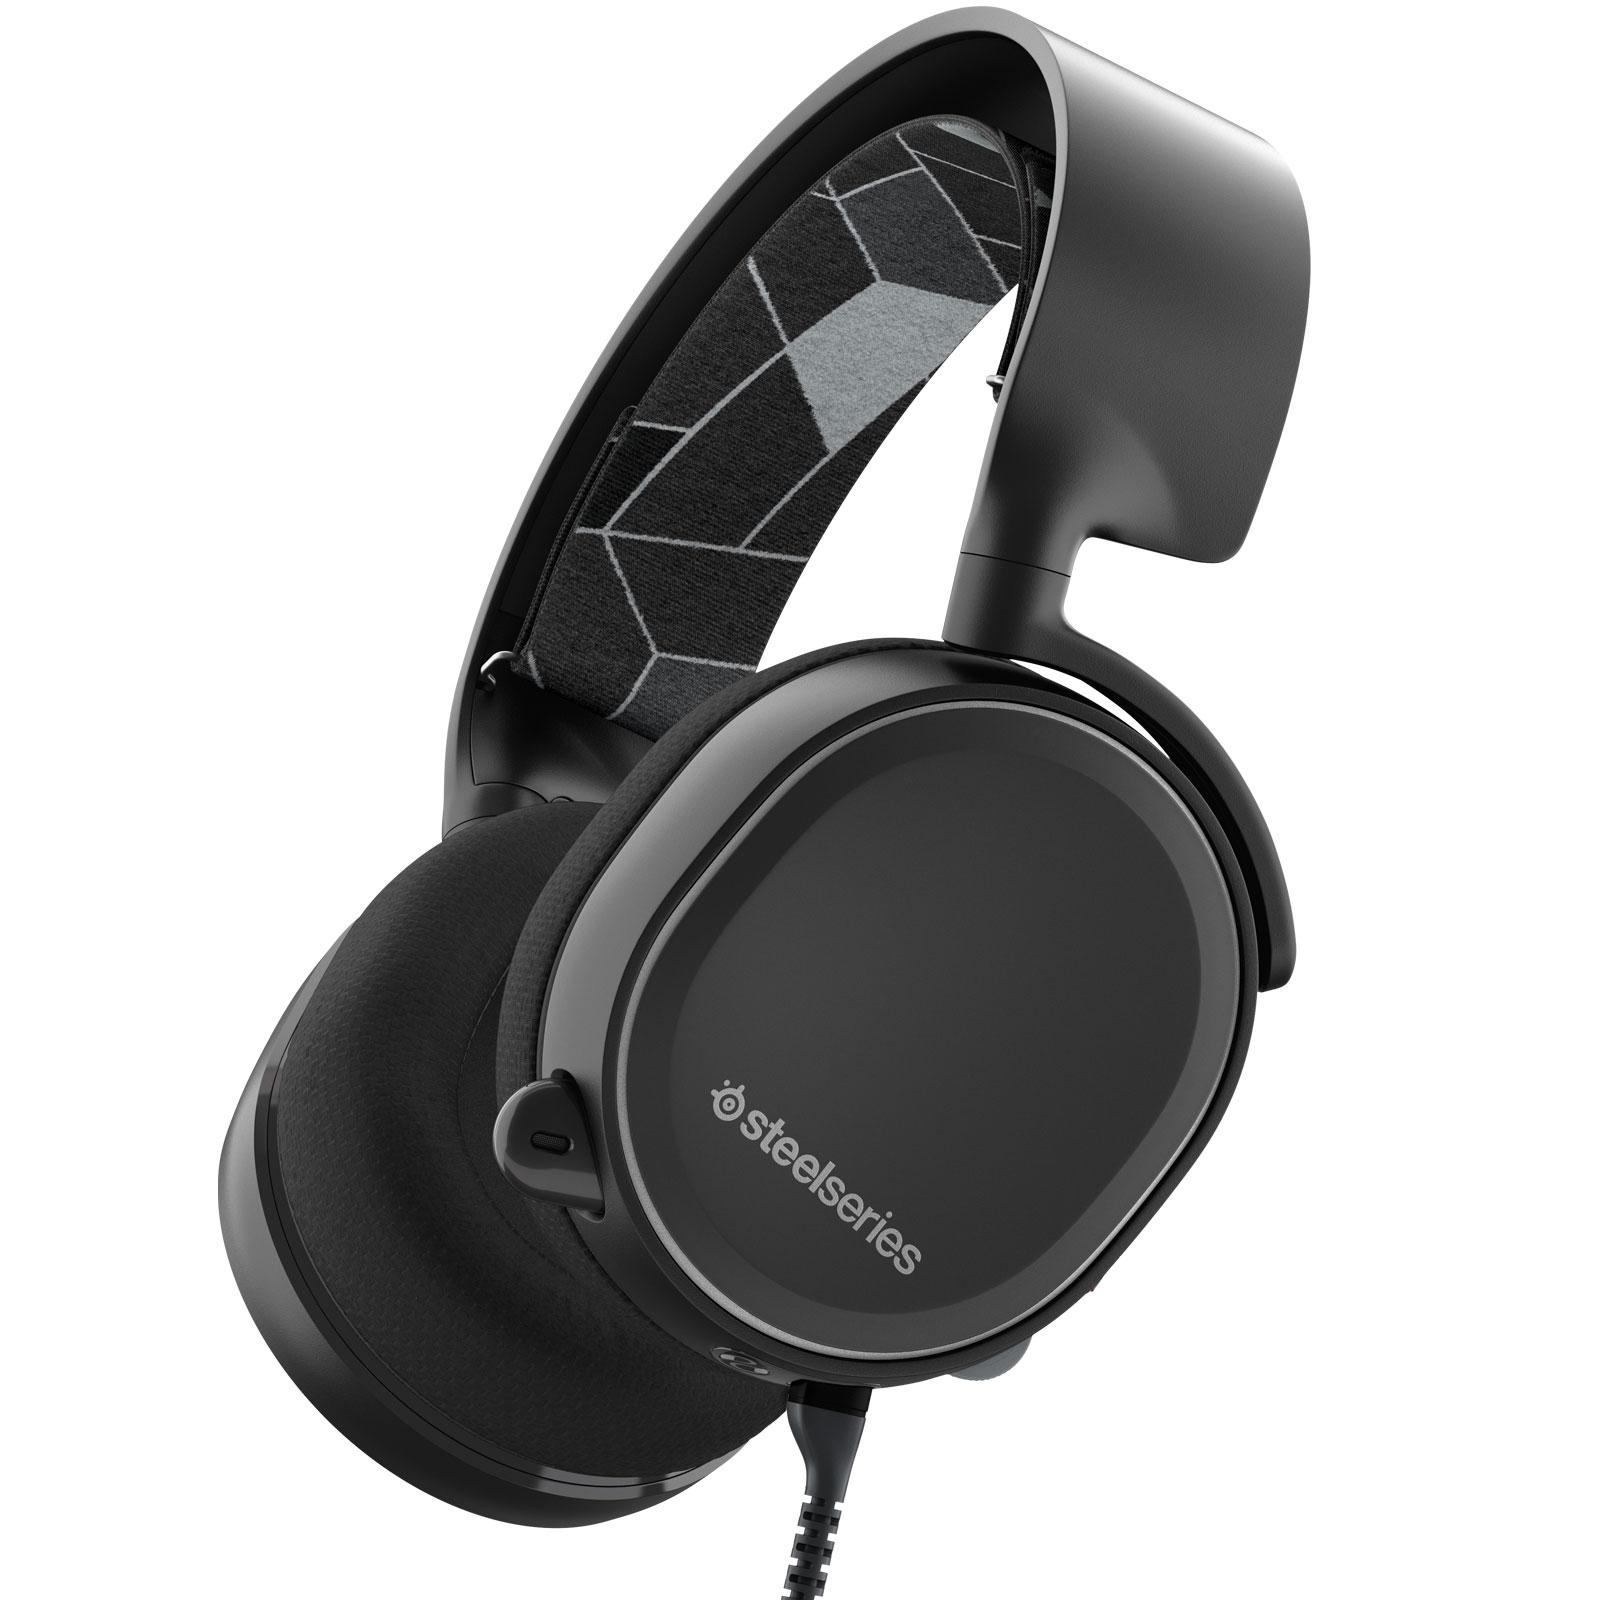 Micro-casque SteelSeries Arctis 3 (noir) Casque gaming - Circum-aural fermé - Son Surround 7.1 - Microphone unidirectionnel rétractable avec suppression du bruit - Jack - Compatible PC/Mac/VR/Mobiles et consoles